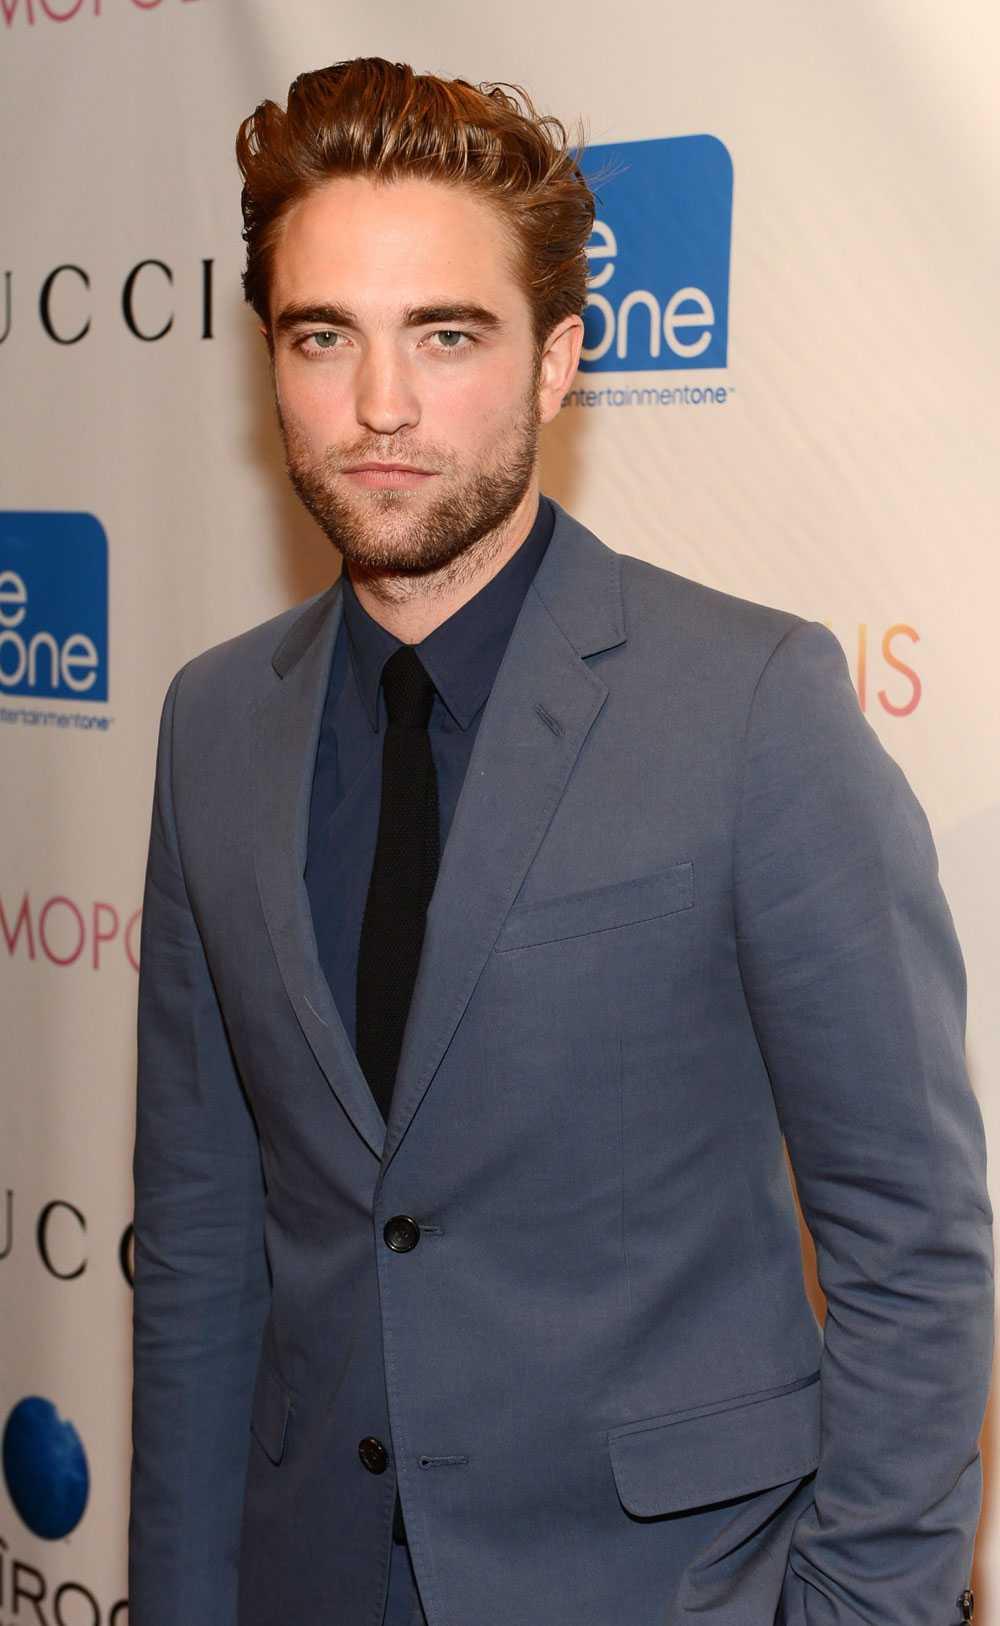 I mitten av augusti gjorde Robert Pattinson sitt första officiella framträdande sedan flickvännens otrohet avslöjades.